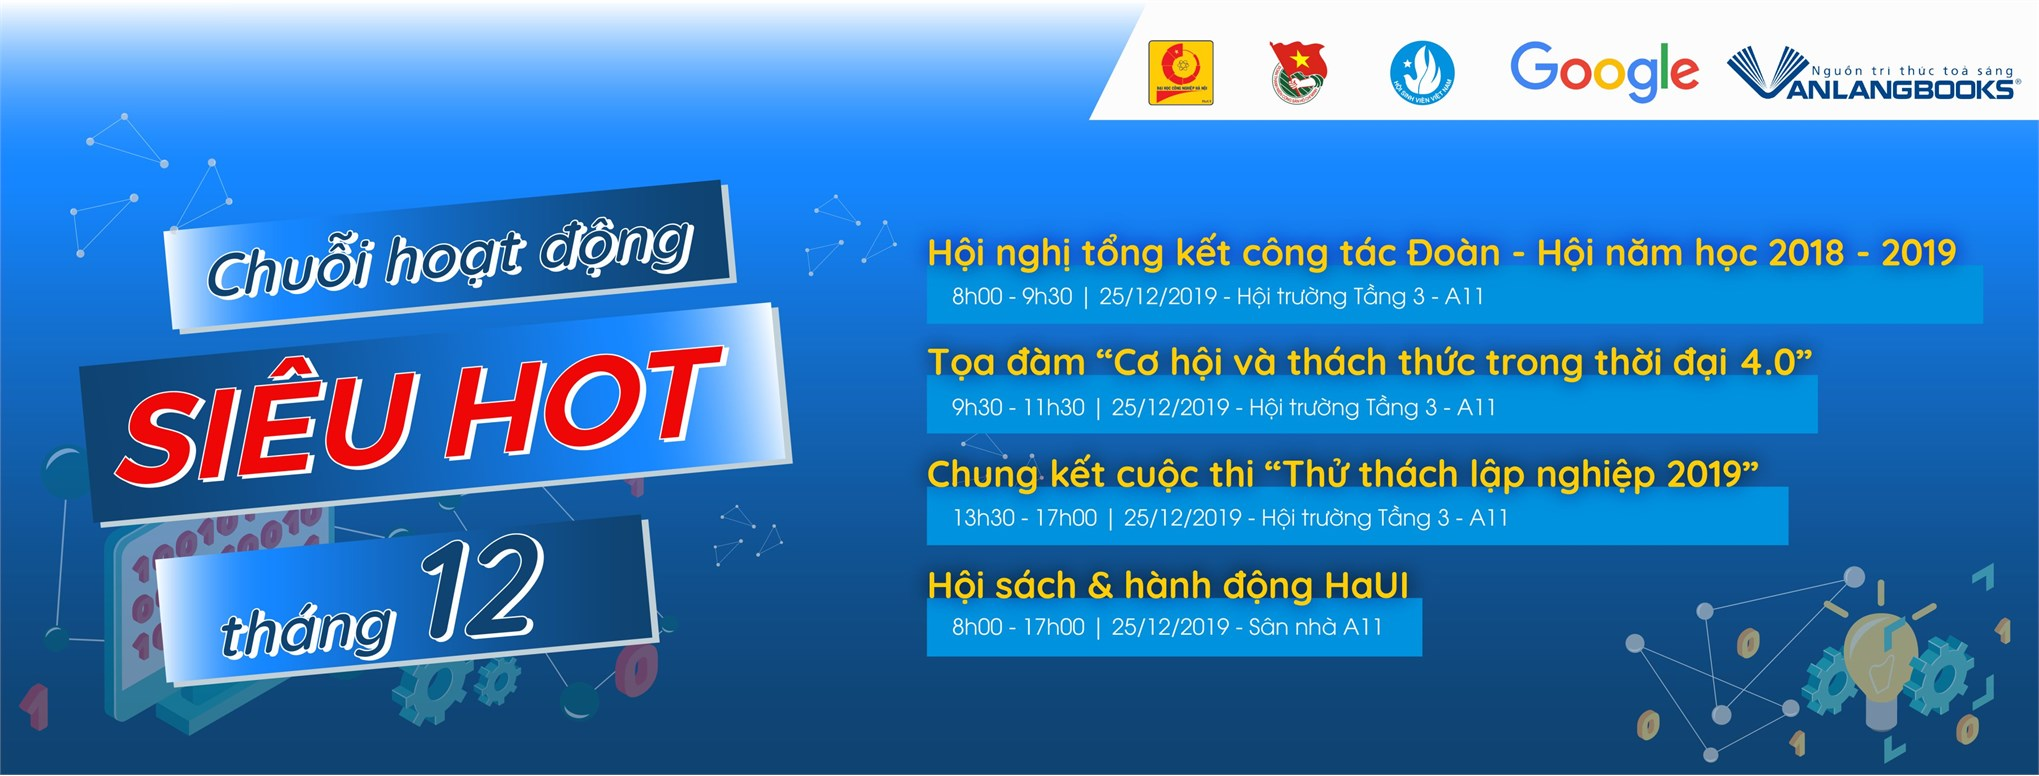 Thông báo tổ chức Hội nghị tổng kết năm học 2018 - 2019 và các hoạt động chào mừng kỷ niệm 70 năm ngày truyền thống HSSV và Hội Sinh viên Việt Nam